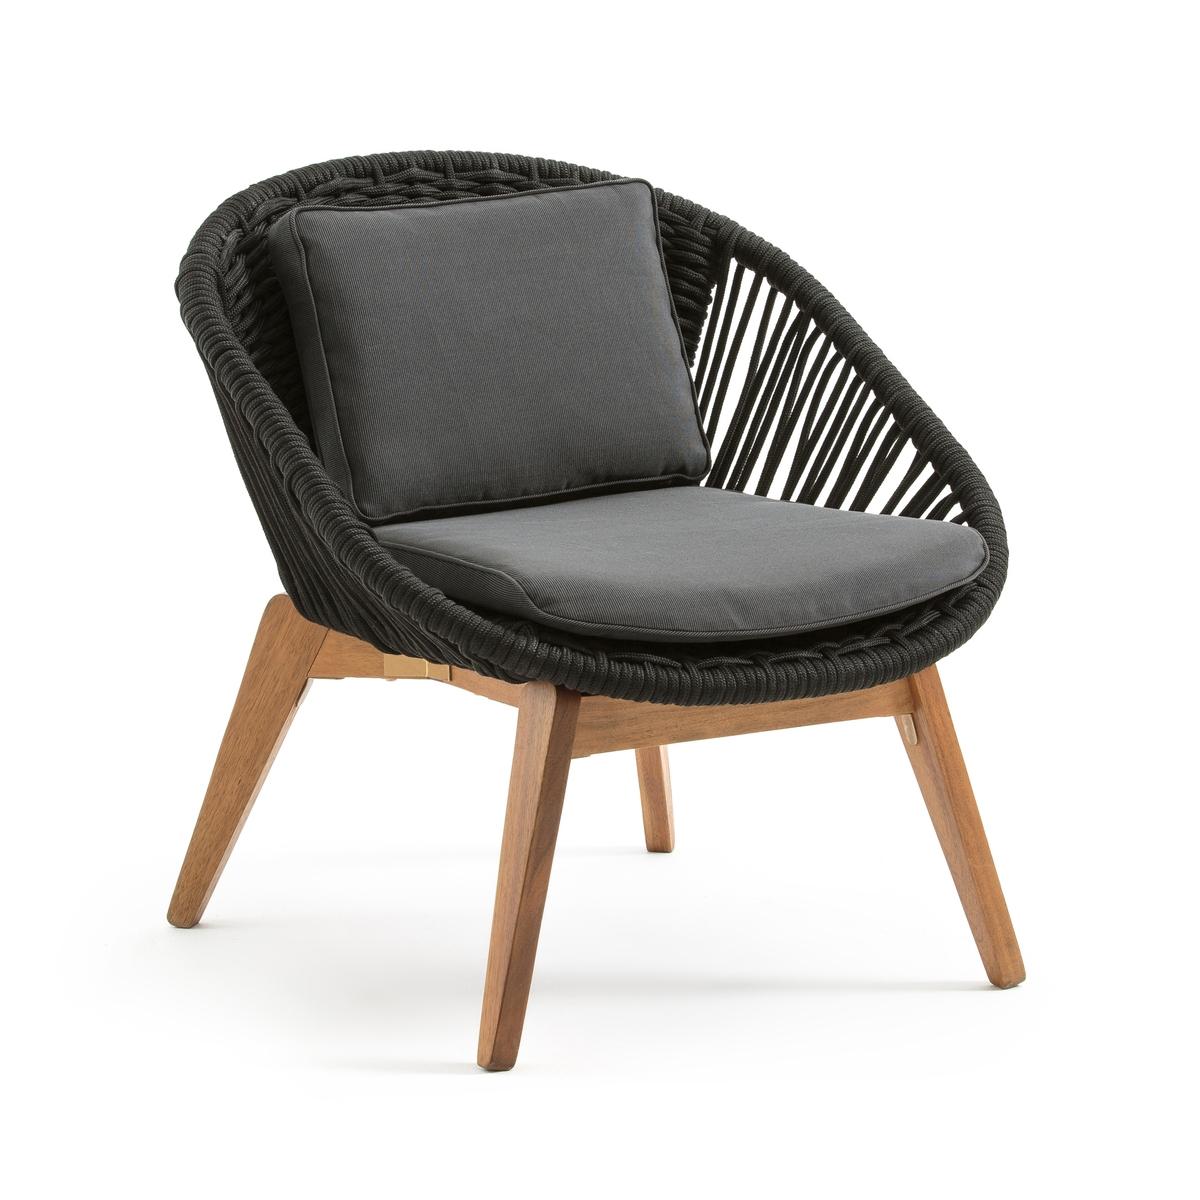 Кресло садовое Jo?mieКресло Jo?mie . Садовое кресло из акации с комфортным сиденьем и спинкой из плетеной веревки, которое впишется в любой стиль . Найдите подходящие диван, кресло-качалку и шезлонг на нашем сайте    . .Характеристики дивана Jo?mie :  : • Каркас из акации FSC* с масляным покрытием под тиковое дерево   • Плетеные сиденье и спинка из полиэстеровой веревки ?8 мм                                          • Подушка сиденья толщина 5 см из поролона и полиэстерового волокна, спинка из полиэстерового волокна, обивка подушек 100% полиэстер  220г/м2    .Съемные подушки .Качество :Акация - дерево, обладающие хорошими механическими свойствами такими, как прочность (хорошая стойкость к насекомым и грибкам) и устойчивость (сочетание сухих и влажных периодов).Размеры кресла Jo?mie :Ширина : 77 смВысота : 81 смГлубина : 75 см                                                                              Сиденье : L55 x H47 x P55 cm                   Размеры и вес ящика : 1 упаковка96 x 83 x 46 cm23 кг Доставка :До квартиры !Внимание! ! Убедитесь, что посылку возможно доставить на дом, учитывая ее габариты.* Знак качества FSC выдаётся Лесным попечительским советом (Forest   Stewardship Council) и является свидетельством соответствия стандартам ответственного управления лесами, легальности производства, возможности отслеживания происхождения древесины, сохранения биоразнообразия и ме?.<br><br>Цвет: черный